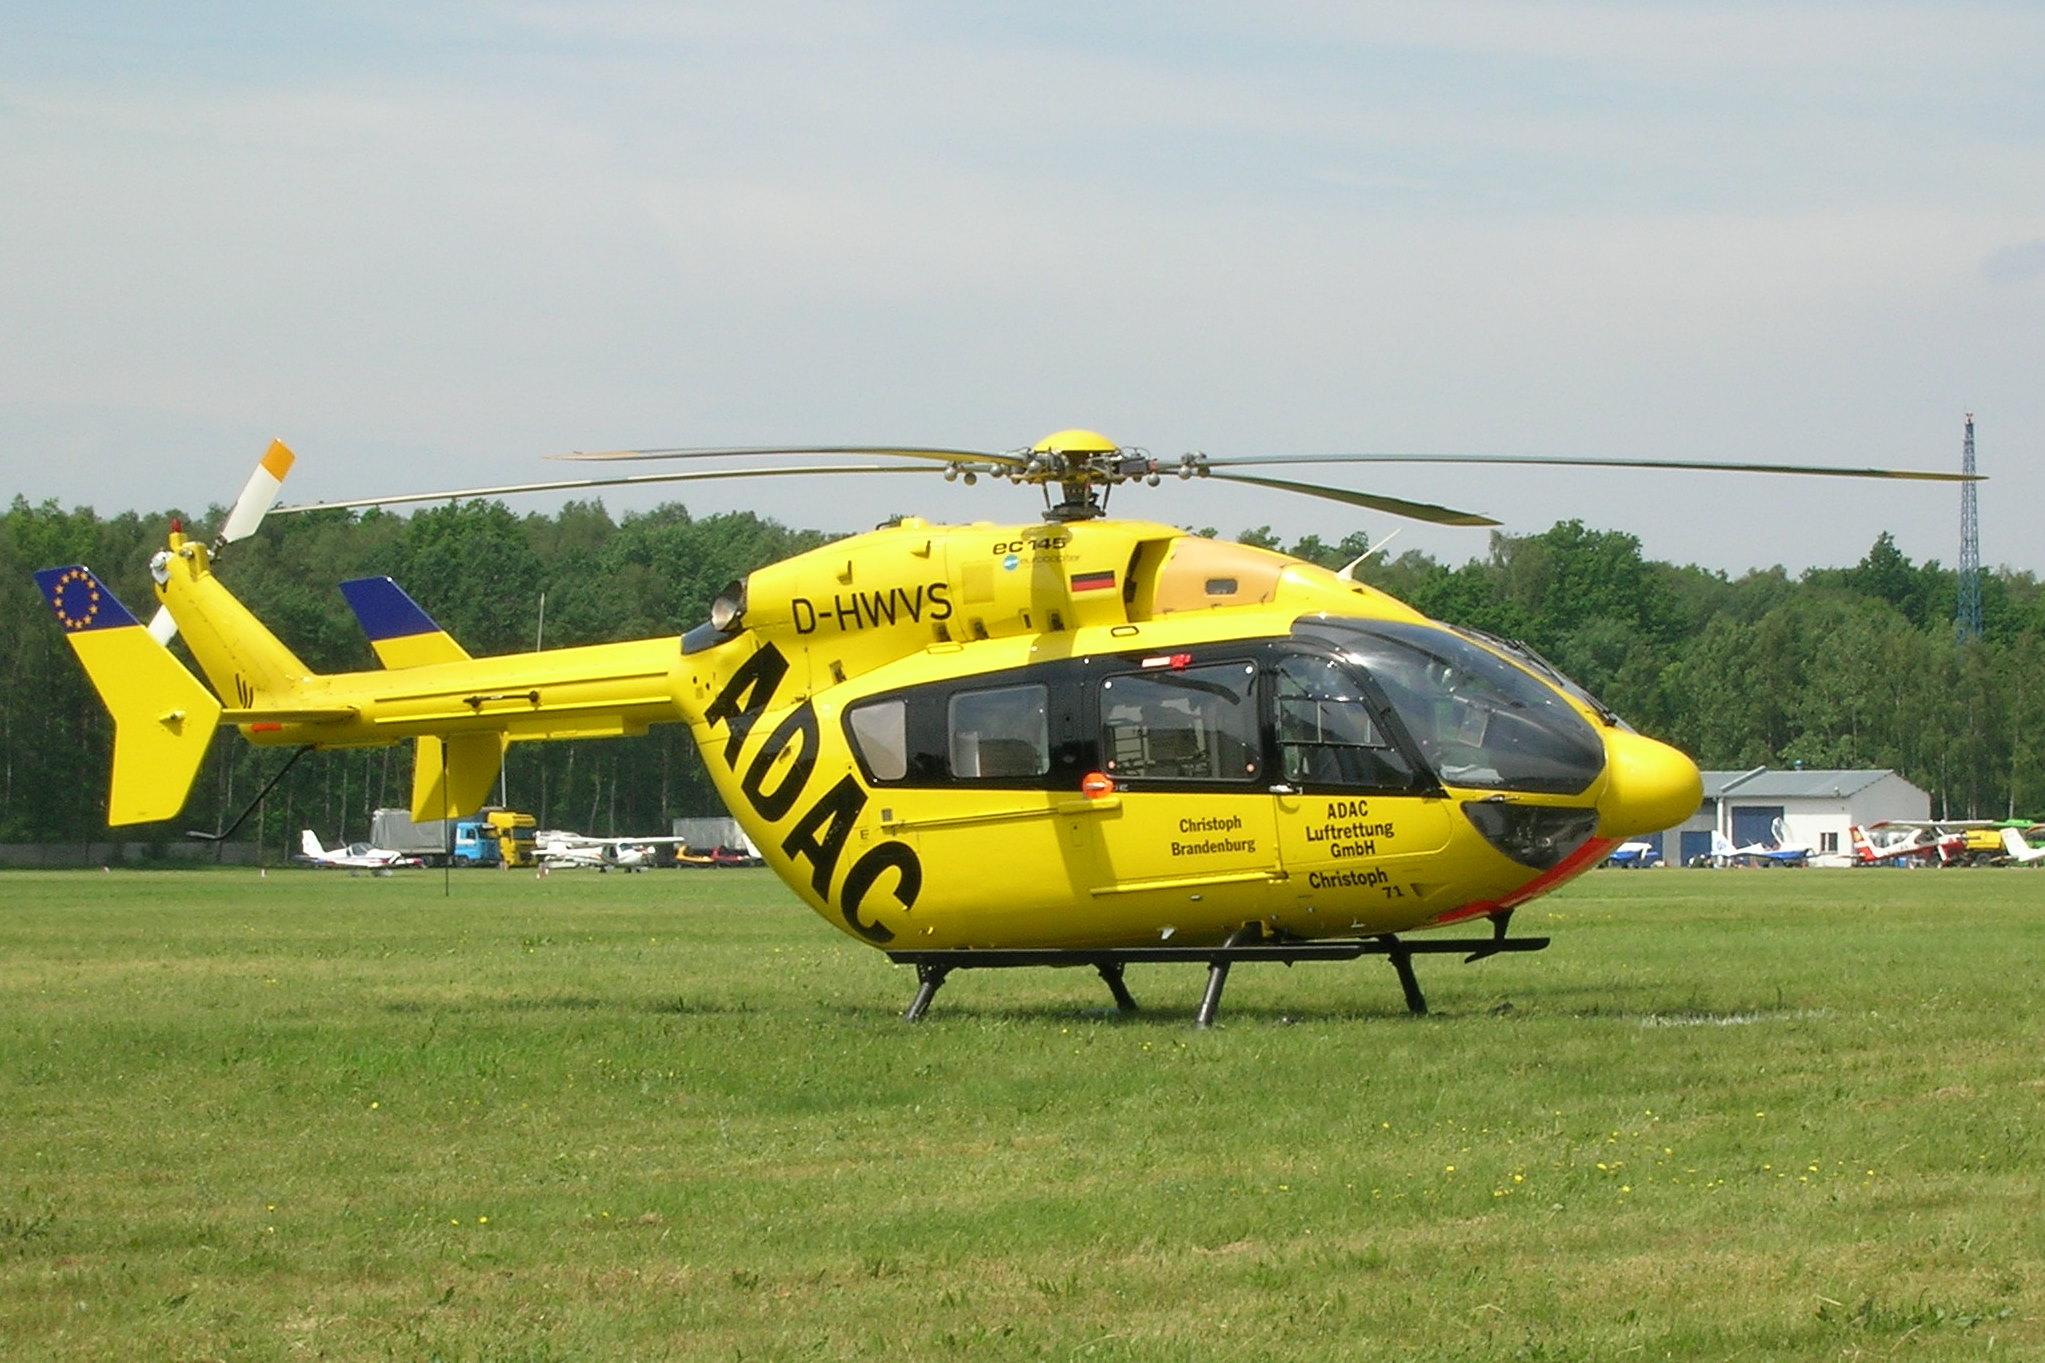 ファイル eurocopter ec 145 d hwvs of adac at góraszka air picnic